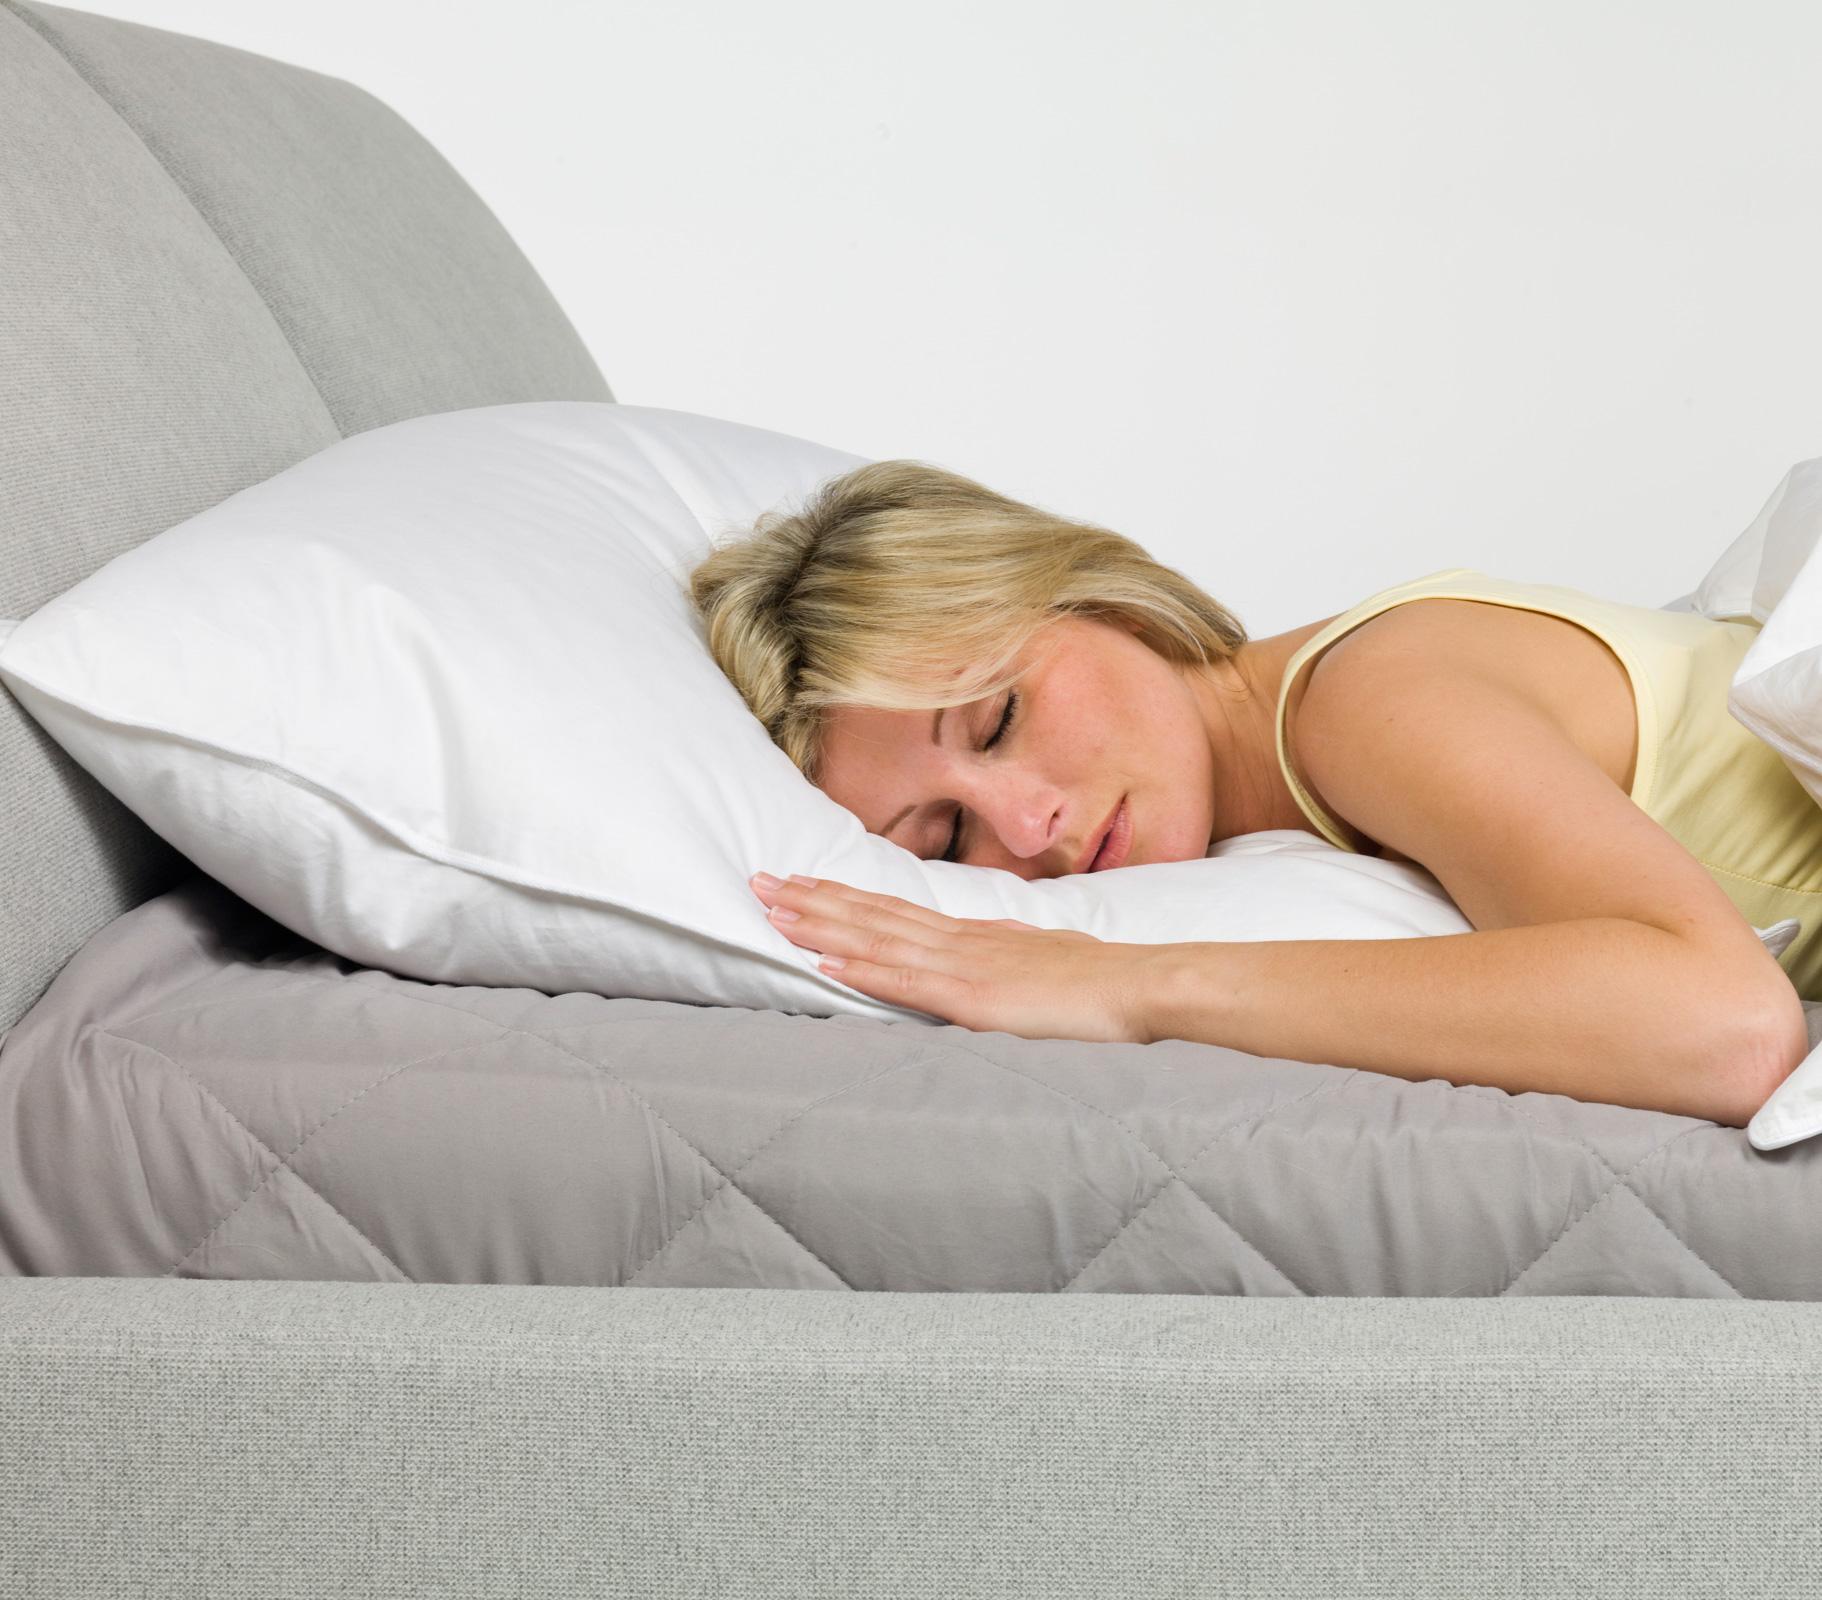 Bettdecken und Kopfkissen - Premium Kopfkissen 40x80 550 Gramm 50 Daunen 50 Federn Serie Moon  - Onlineshop PremiumShop321